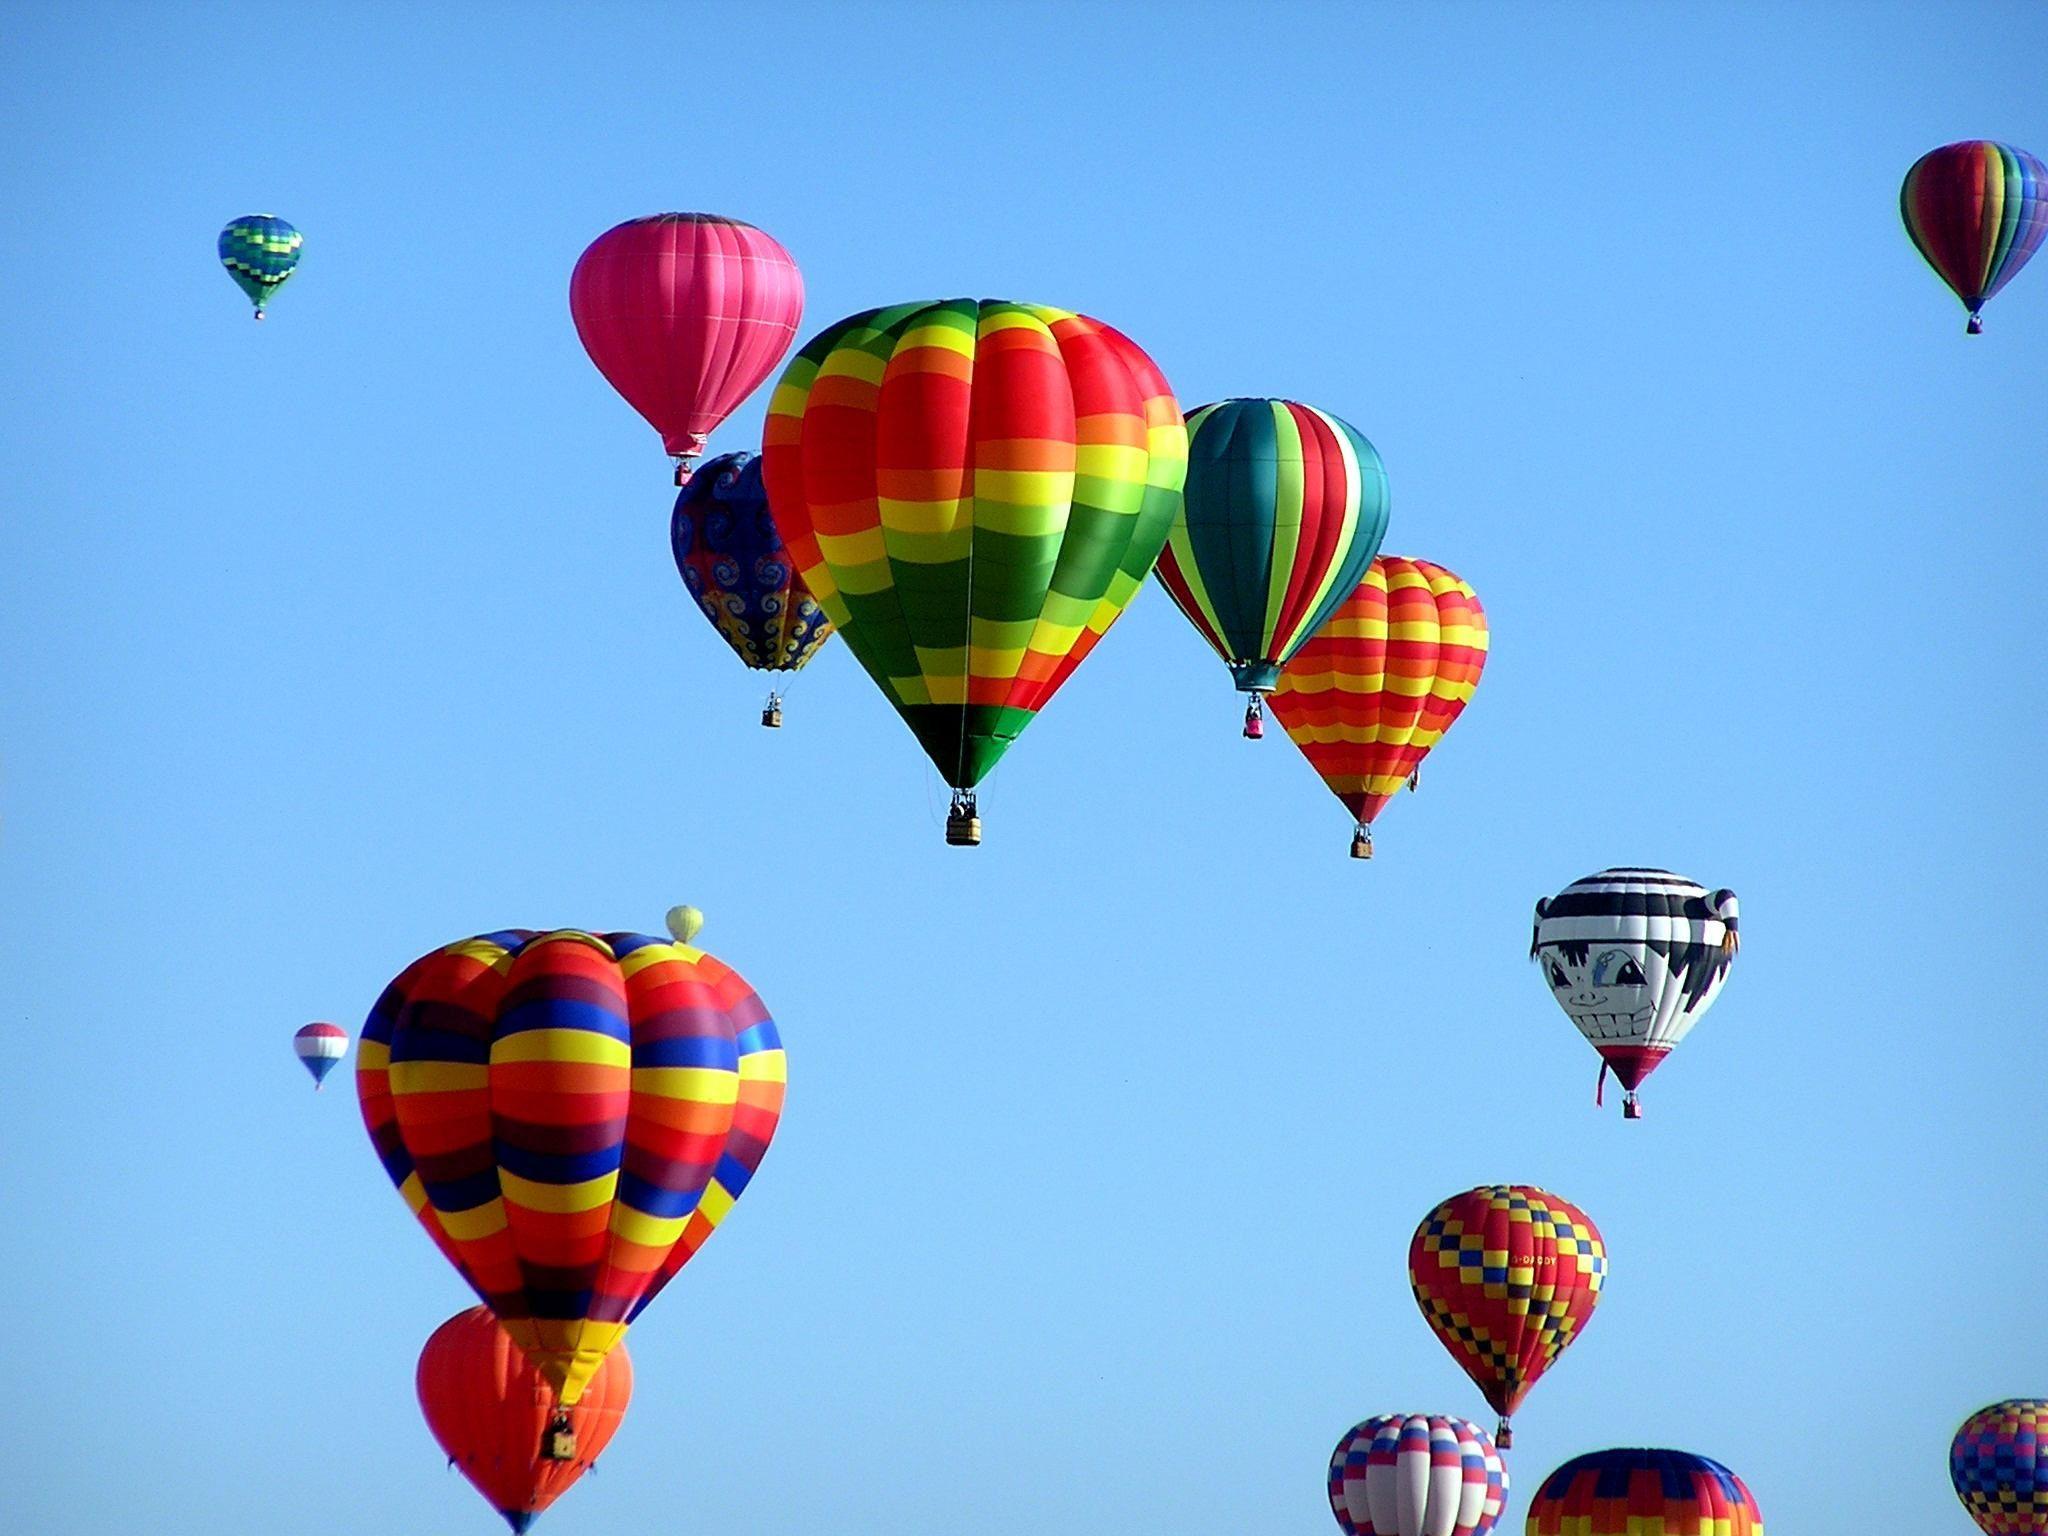 How to enjoy the Albuquerque Balloon Fiesta Air balloon